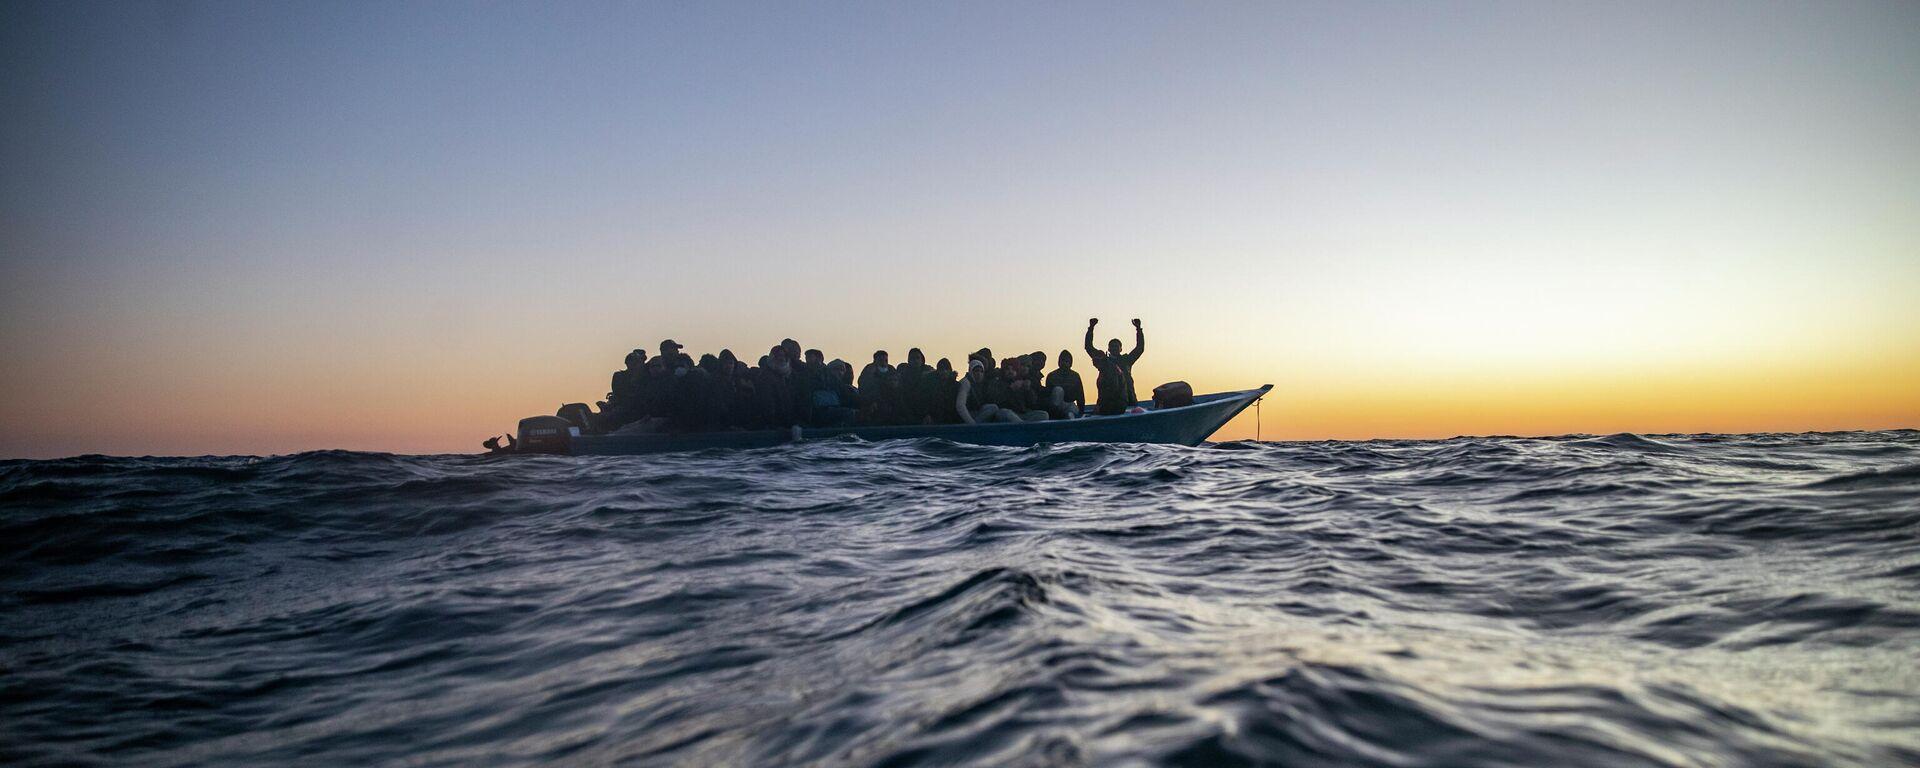 Migranten in einem Boot im Mittelmeer (Symbolbild) - SNA, 1920, 13.08.2021